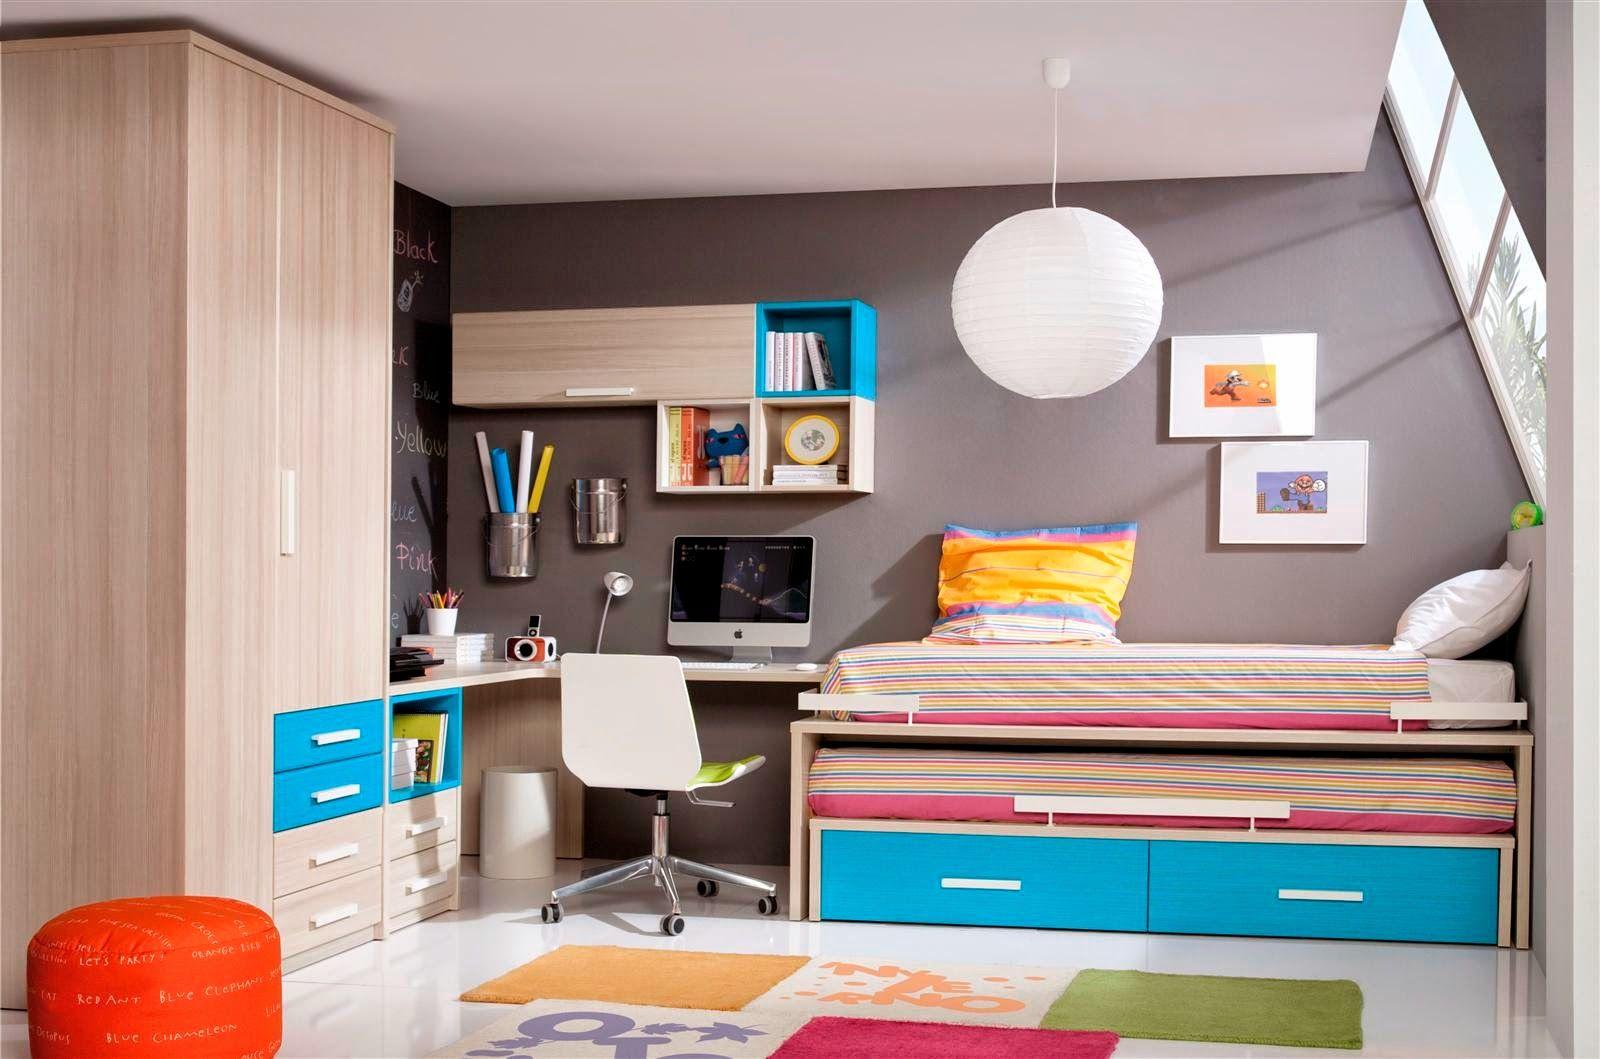 15 ideas para decoración de habitaciones juveniles pequeñas - http ...